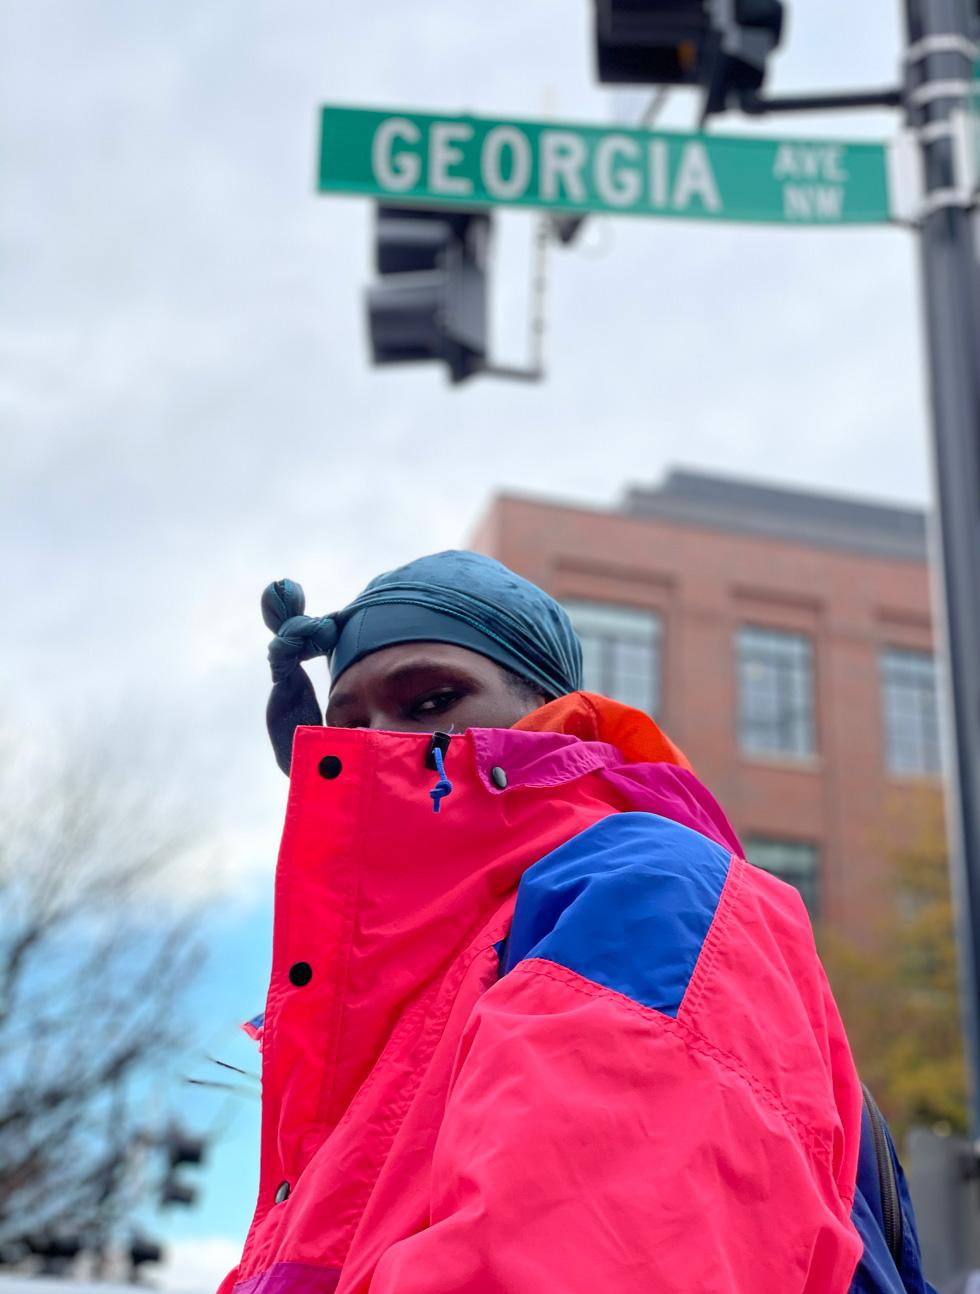 Nate, fotografiert unter einem Strassenschild der Georgia Avenue.